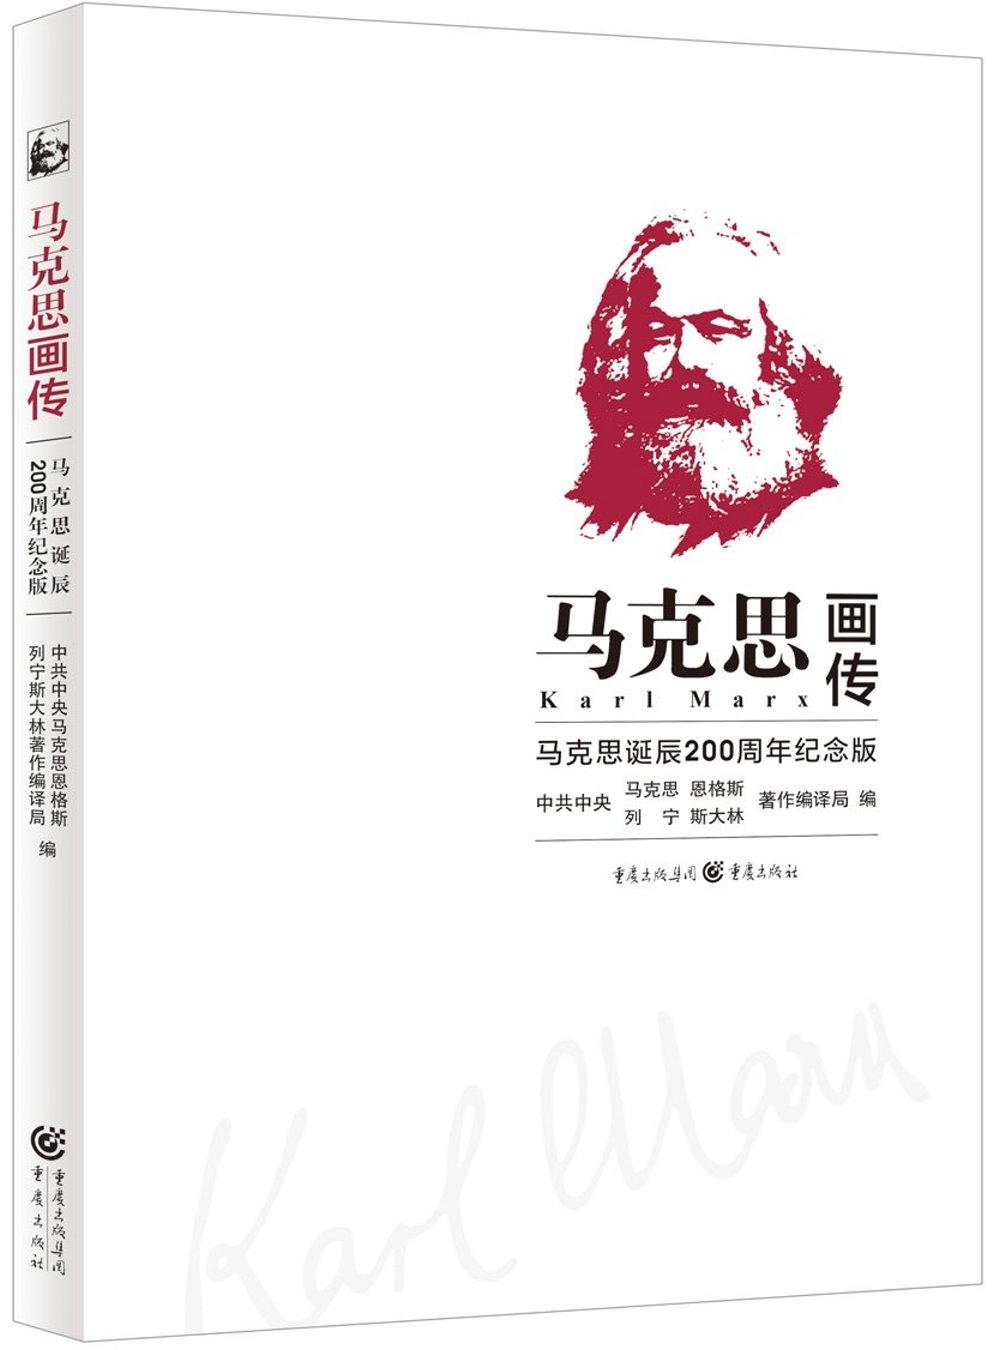 馬克思畫傳:馬克思誕辰200周年紀念版